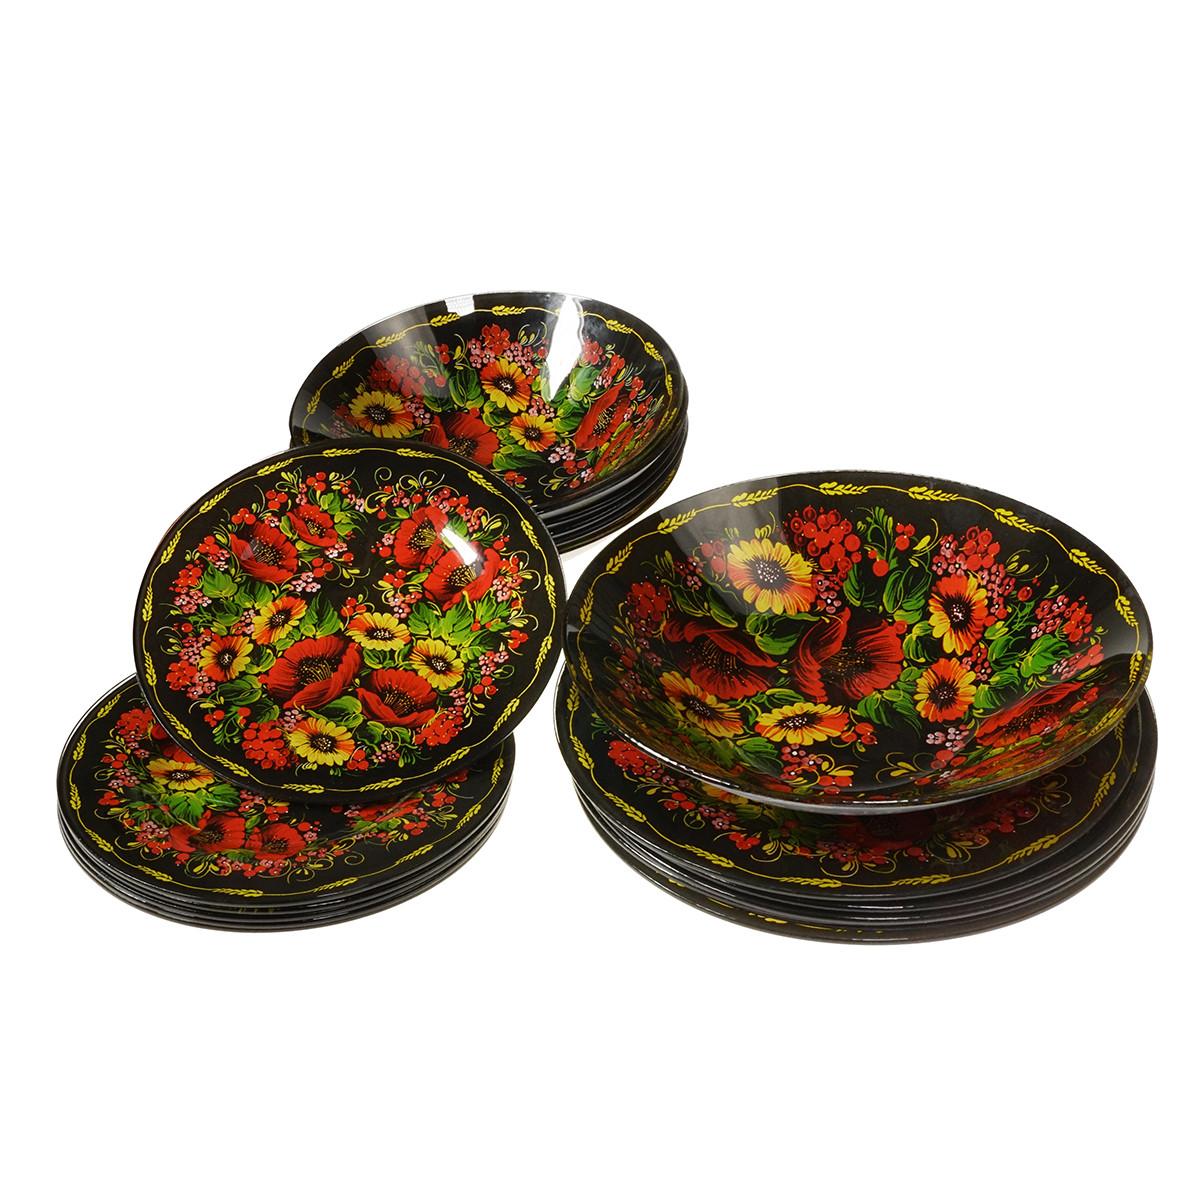 Набор посуды Семейные традиции - 19 тарелок из ударопрочного стекла с росписью (уценка)